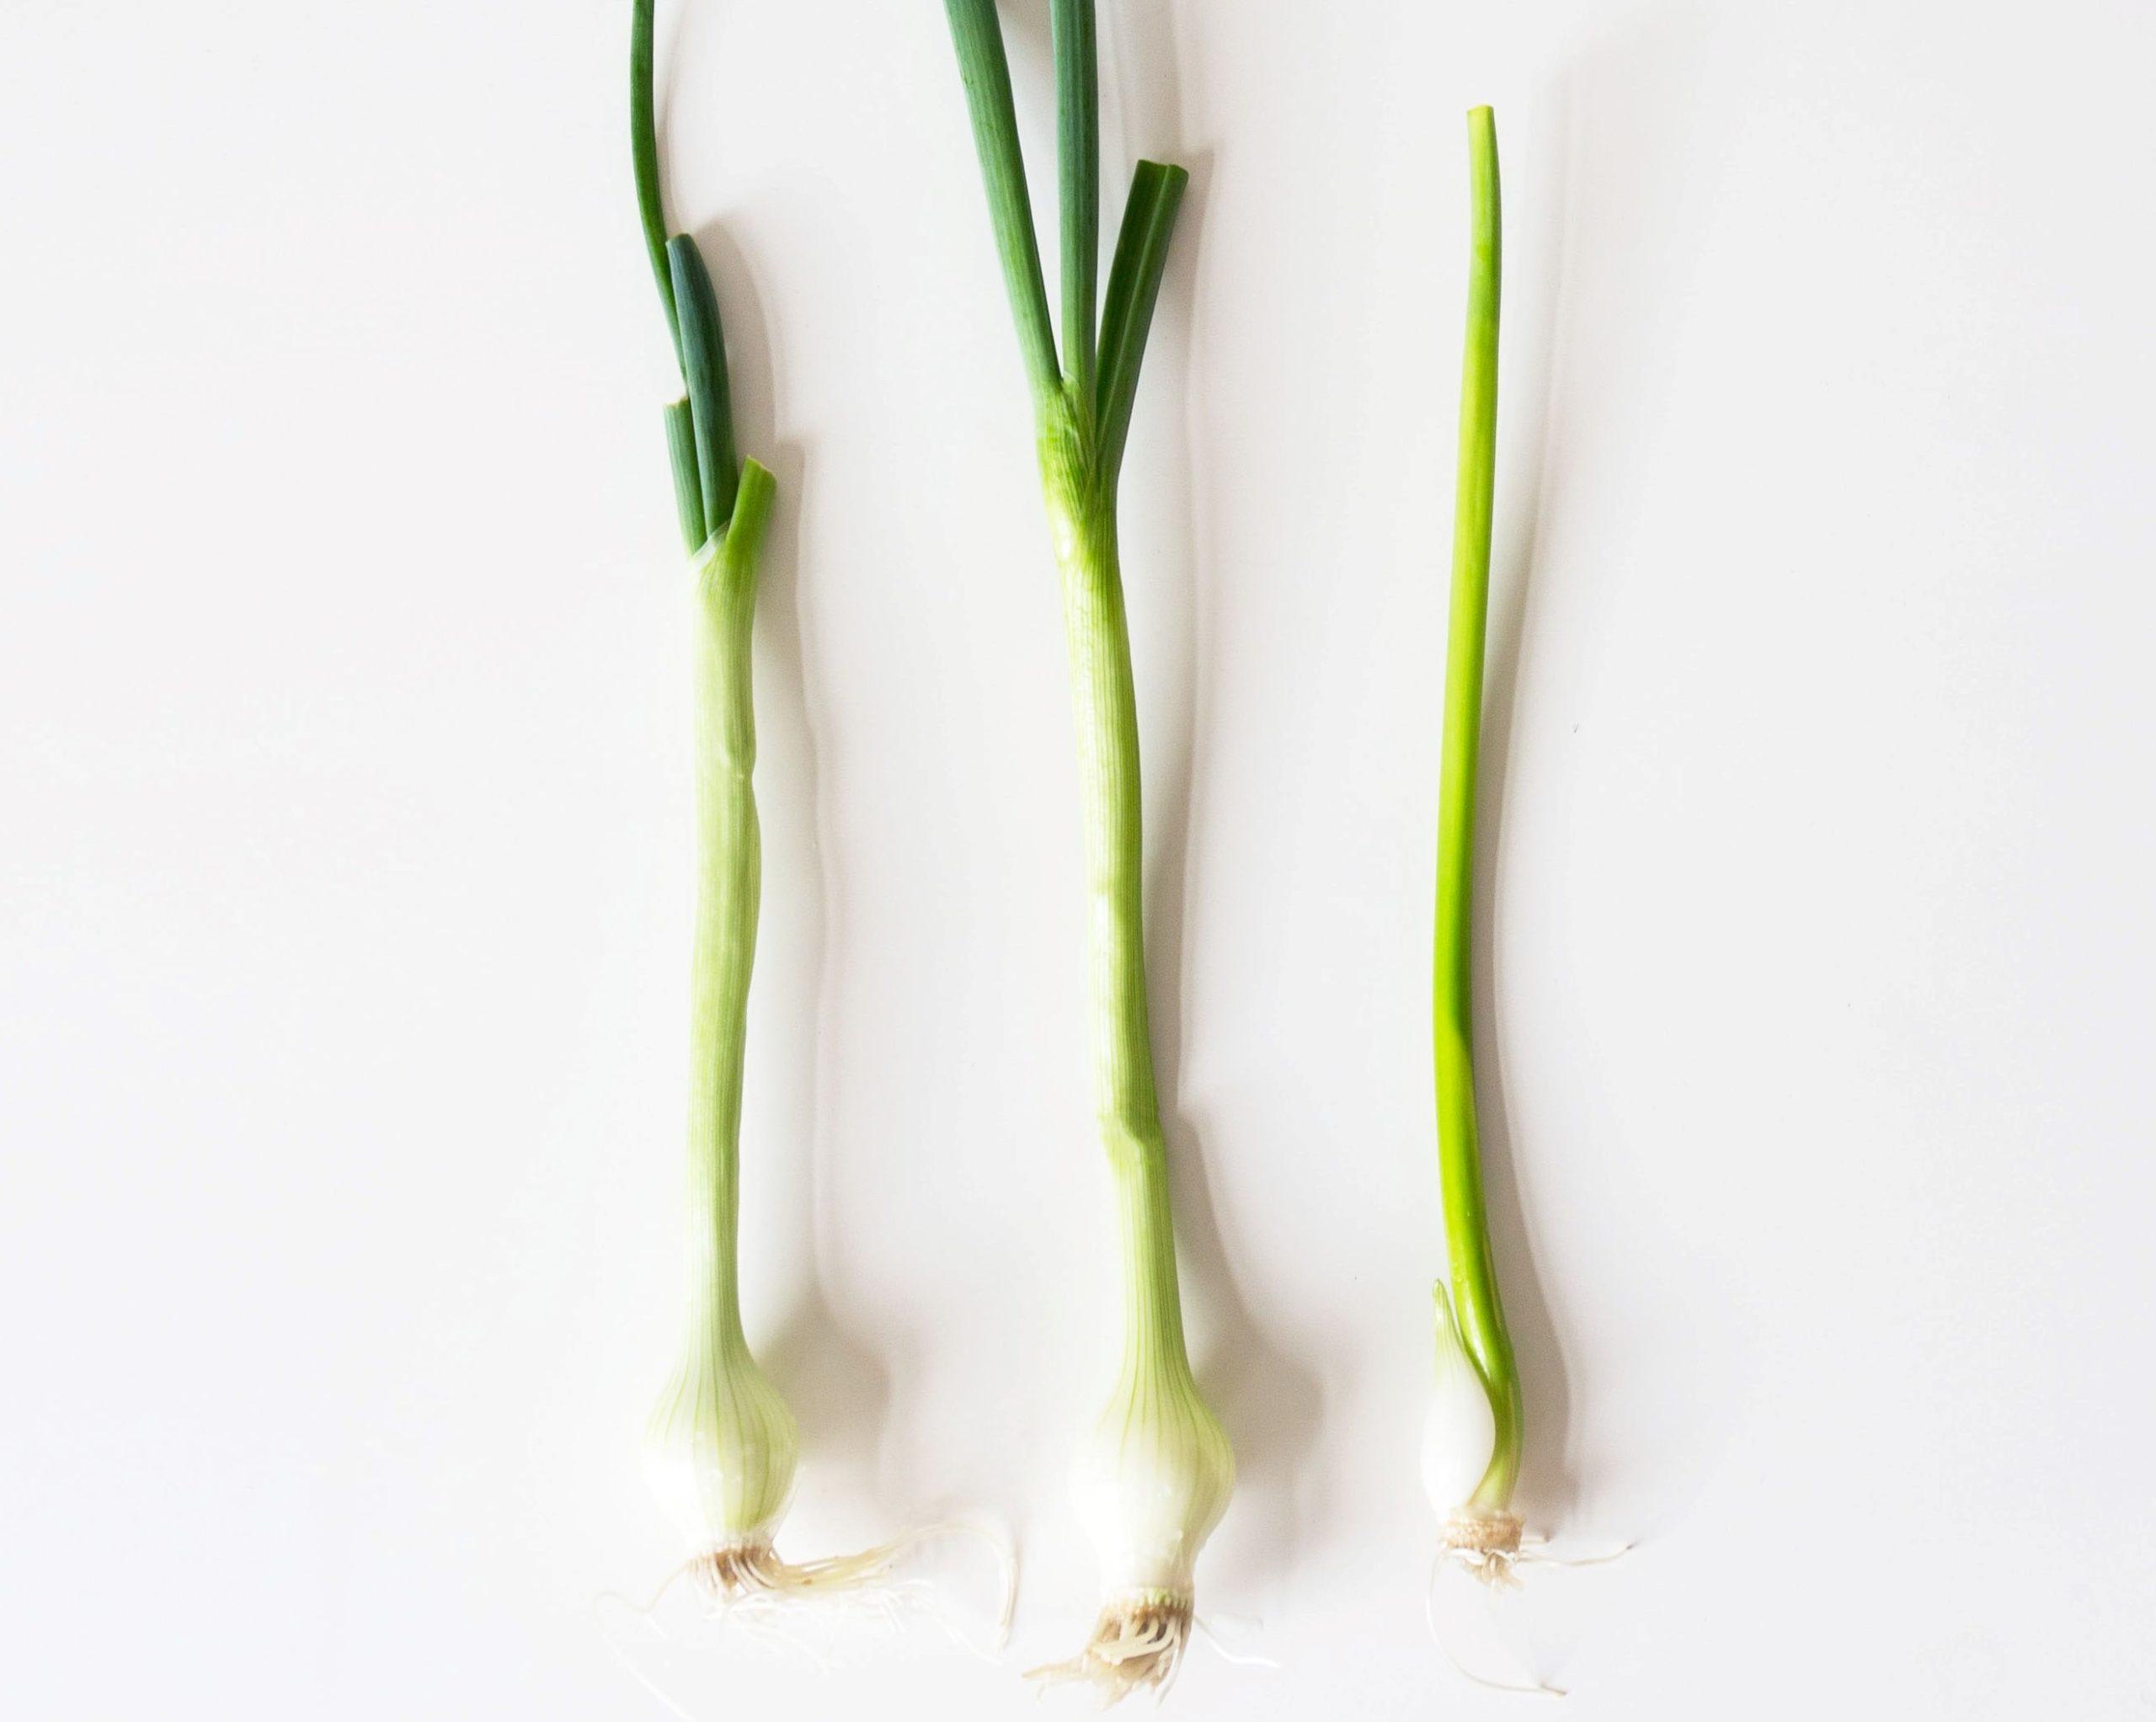 warzywa z resztek - cebula dymka